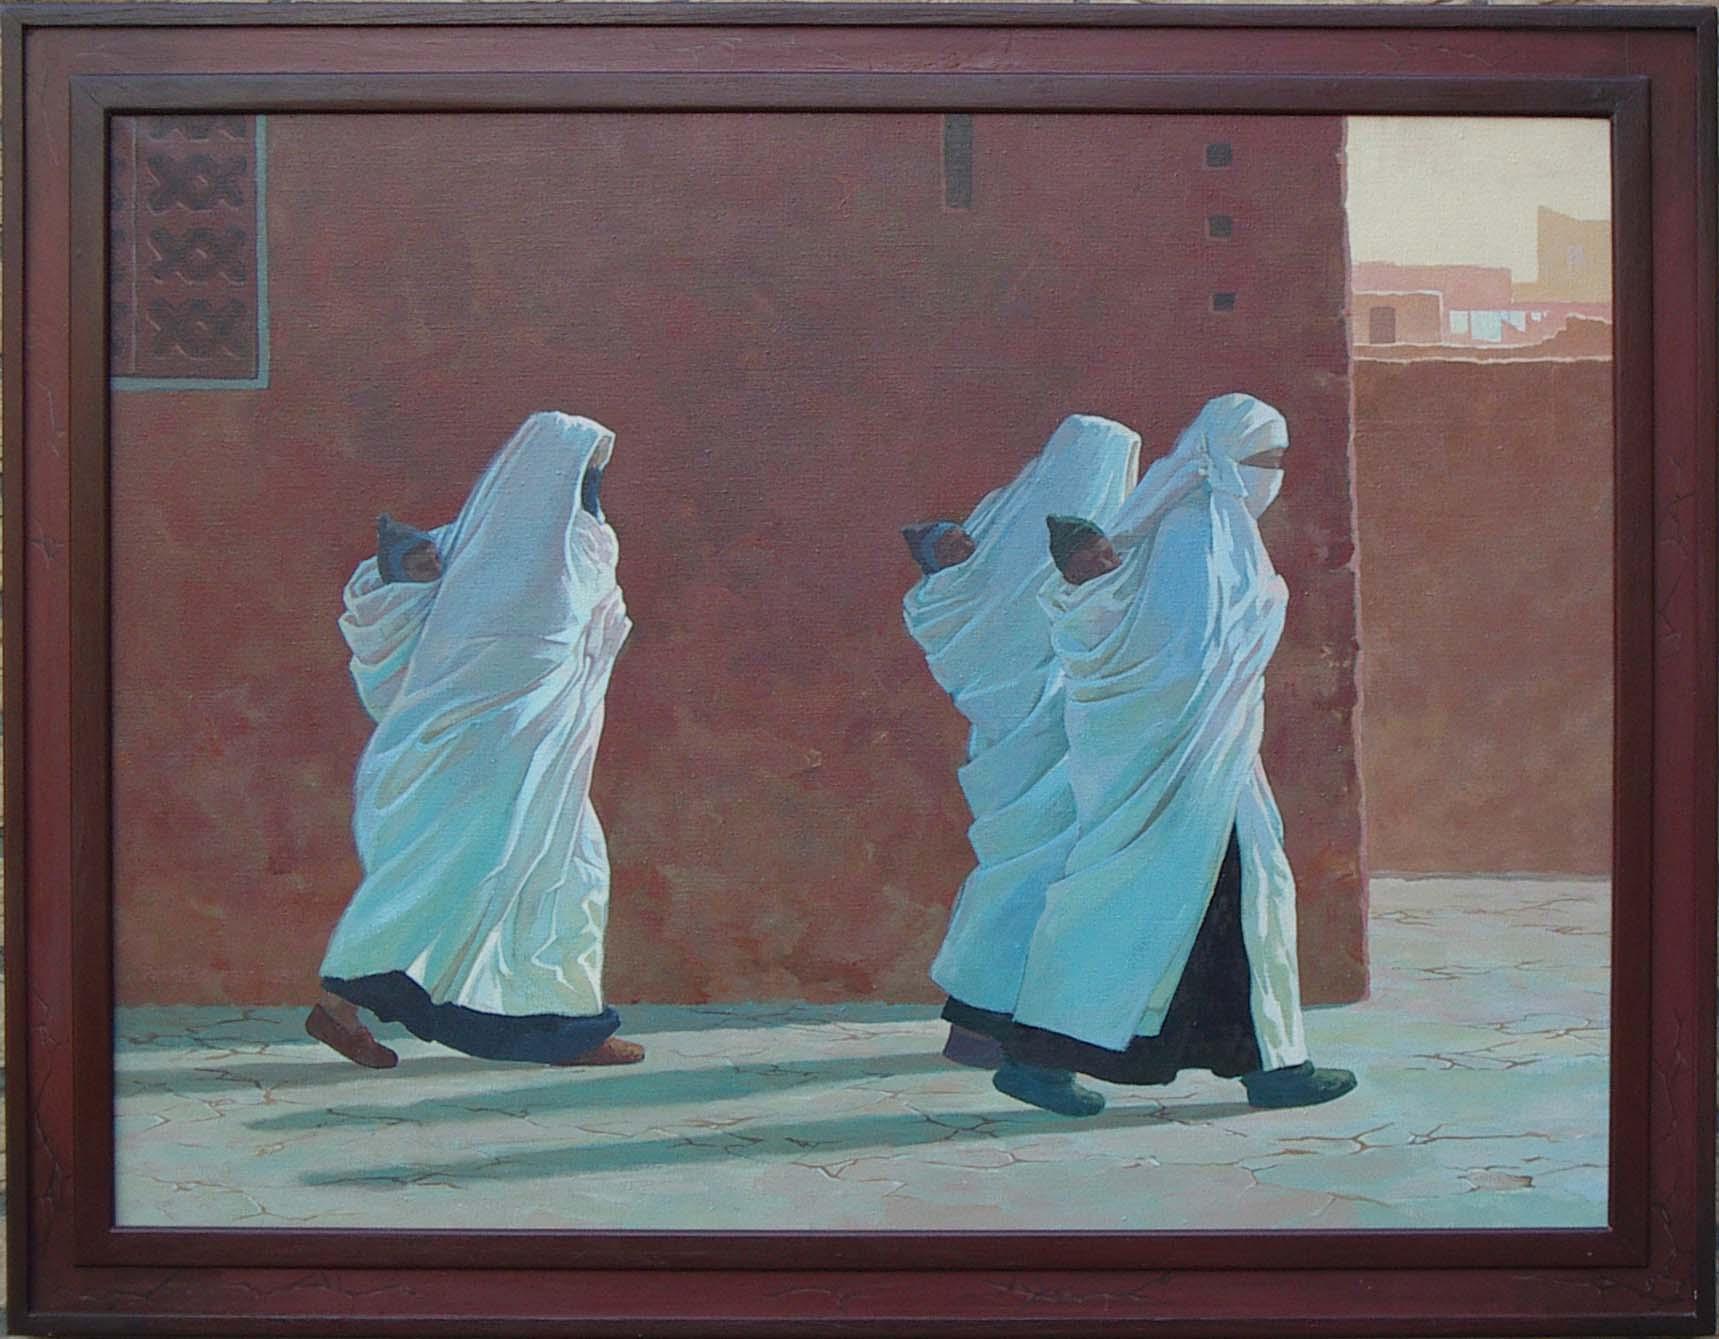 Drie gesluierde vrouwen - acrylverf - 80 x 60 cm.